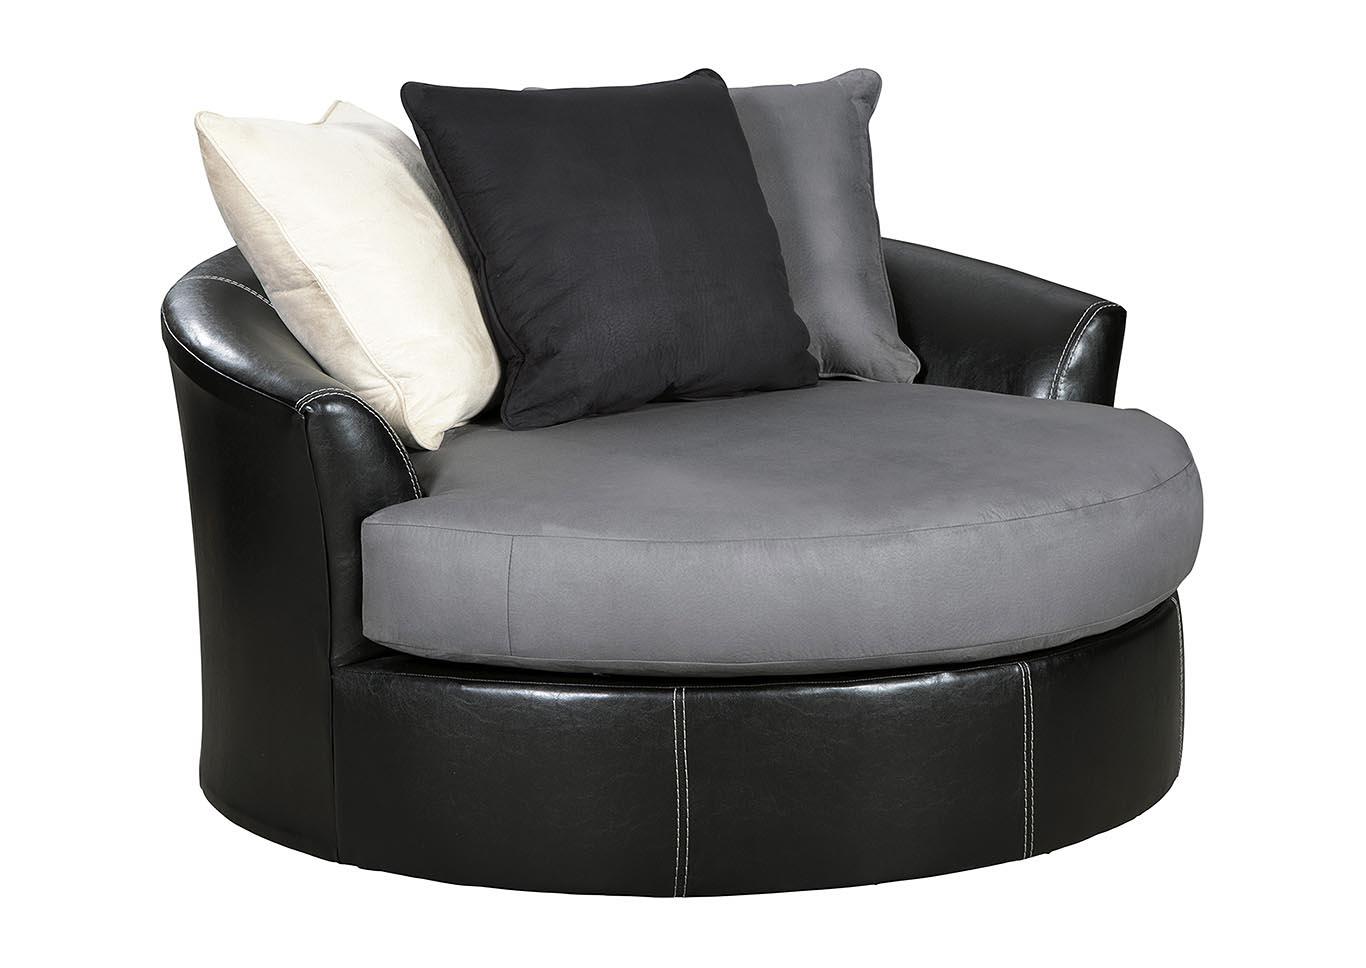 Magnificent Furniture American Furniture Of Slidell Jacurso Charcoal Inzonedesignstudio Interior Chair Design Inzonedesignstudiocom